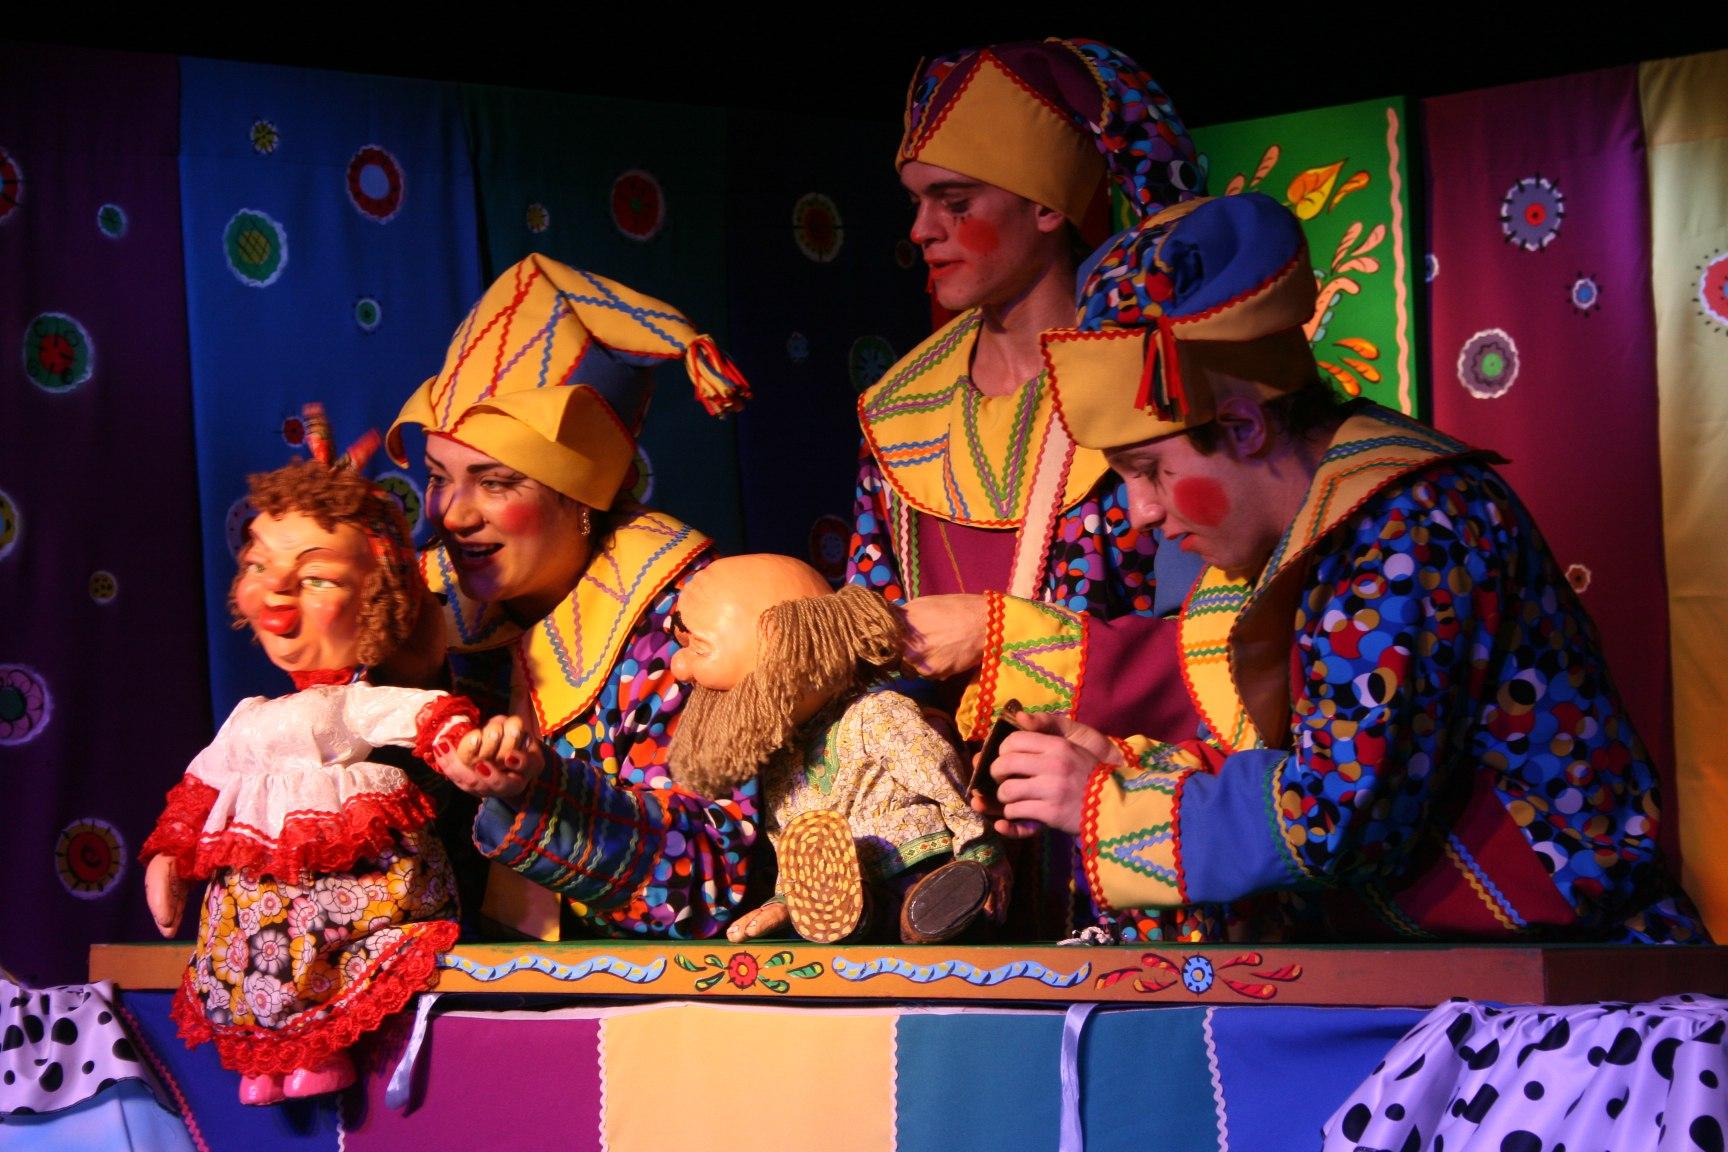 Шоу, спектакли, квесты, сценки, миниатюры